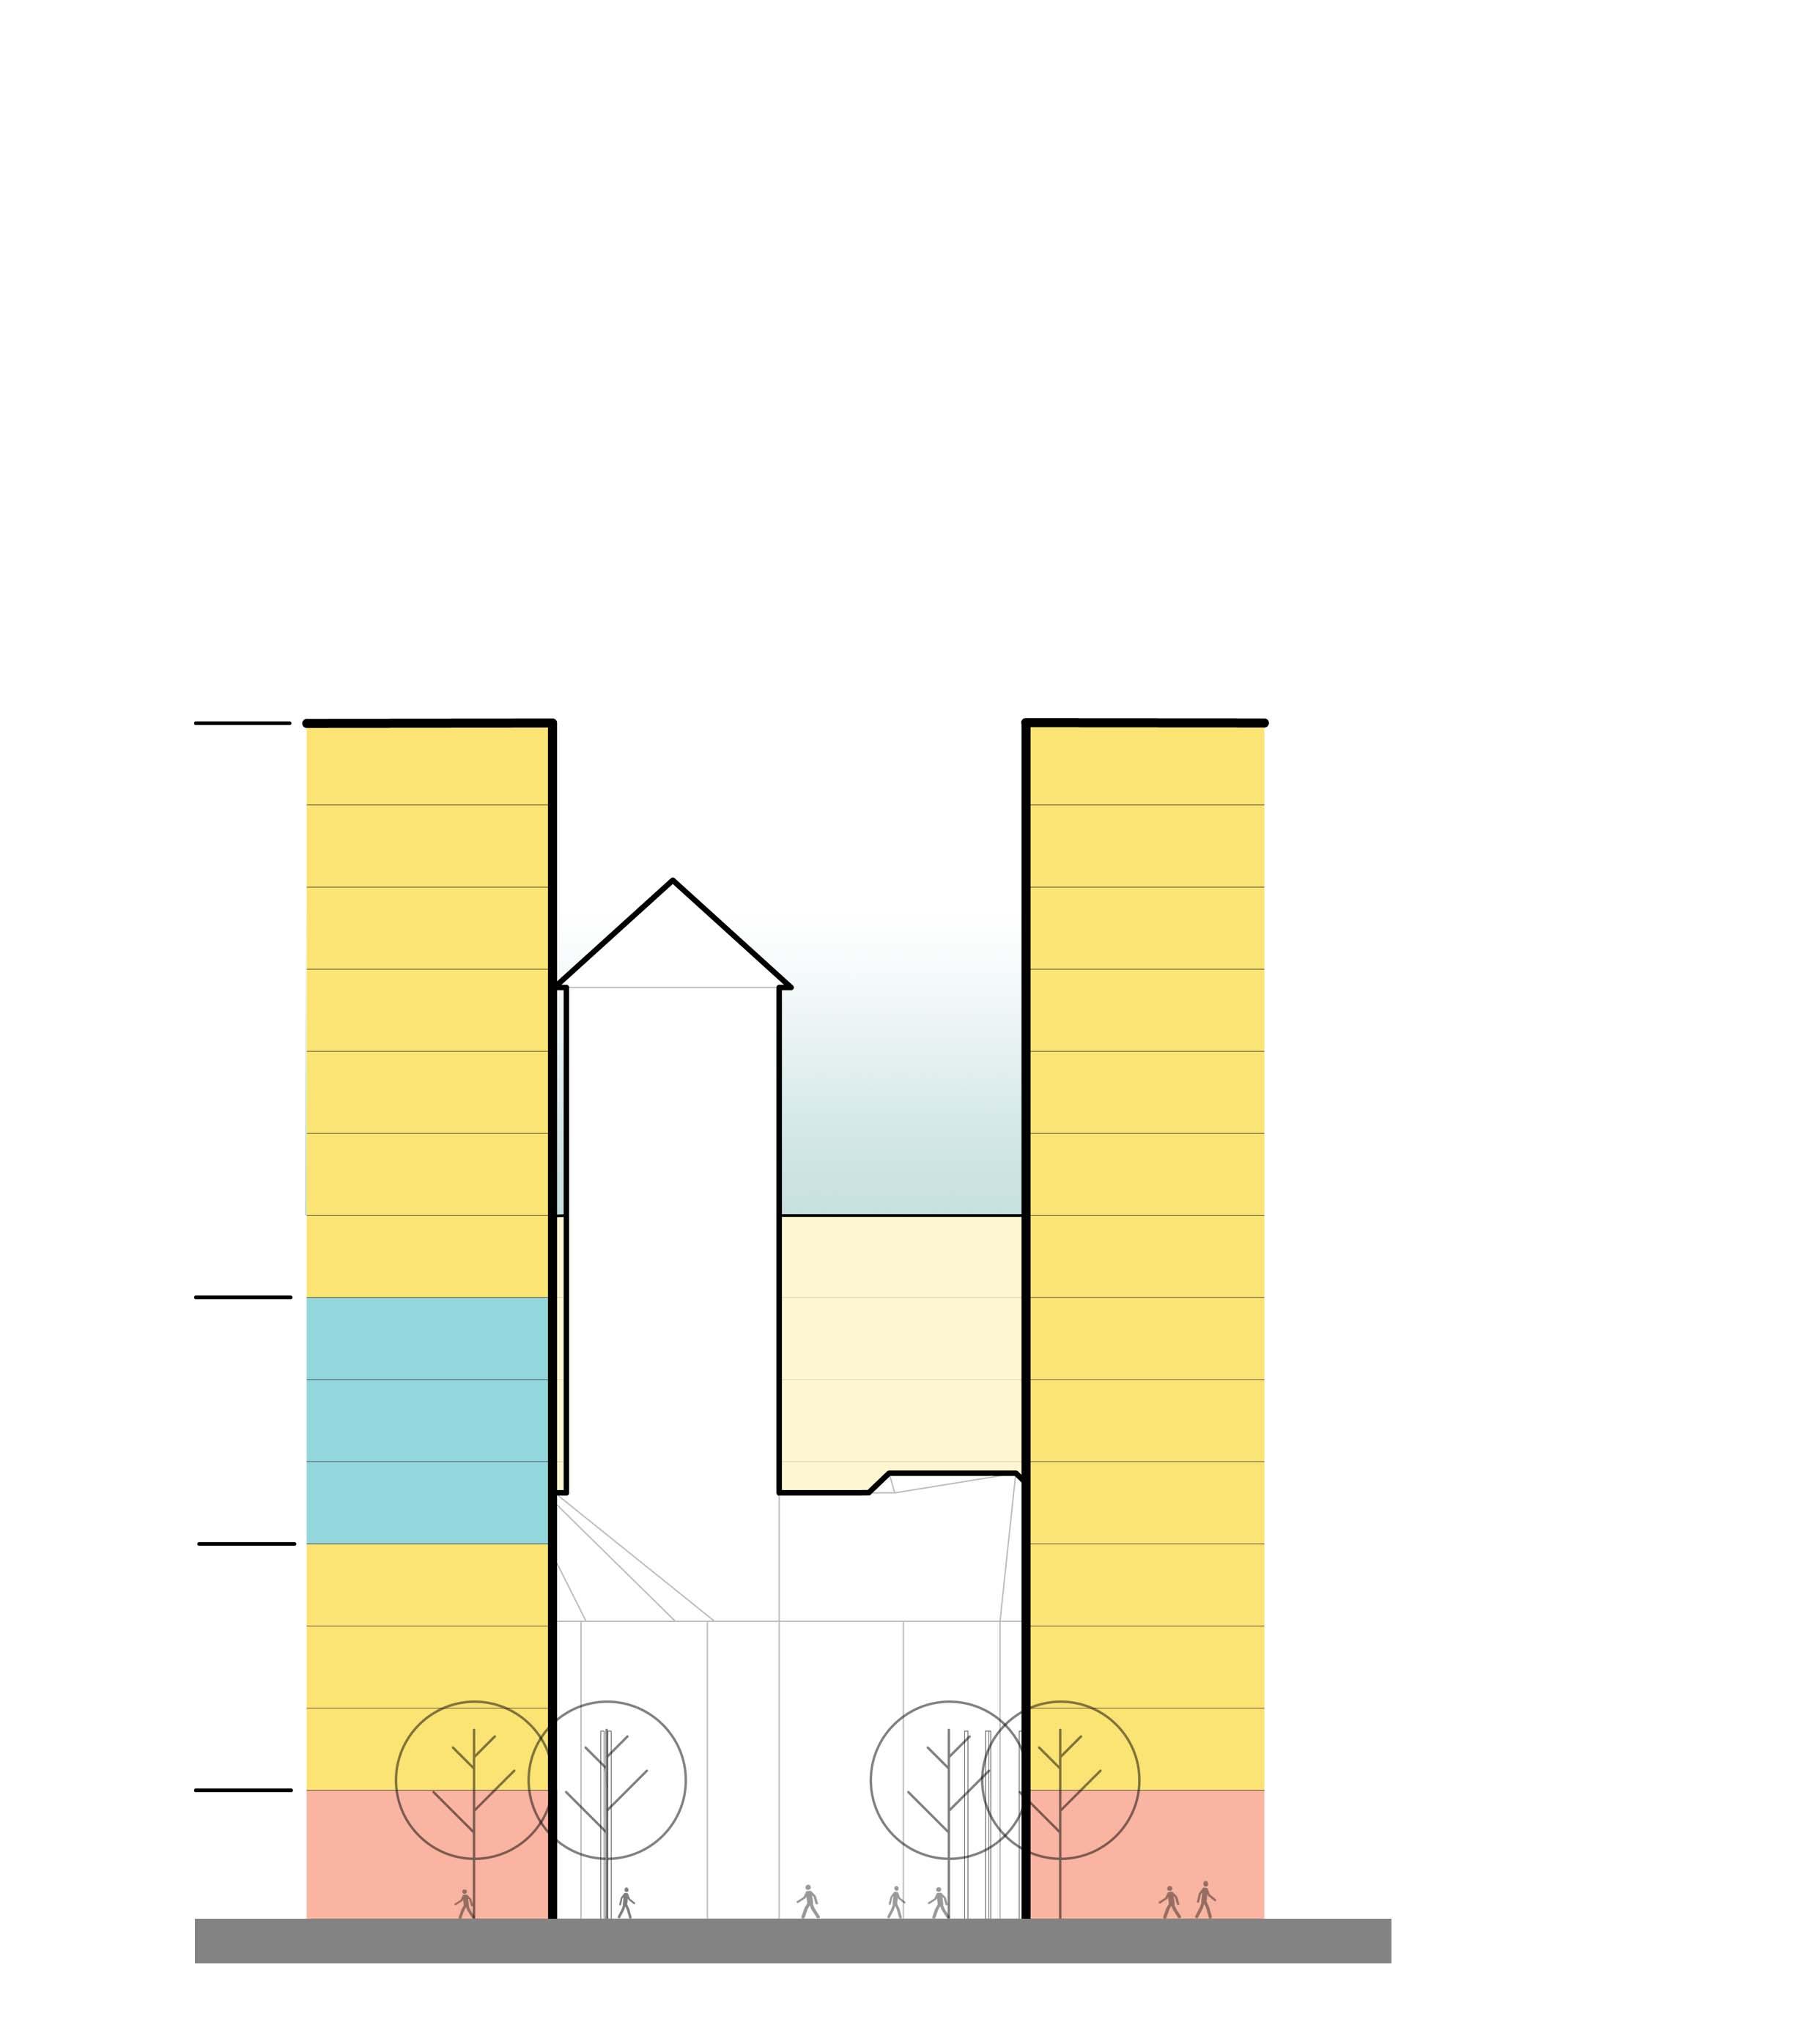 2015_09-15 Section Set2 Final.jpg